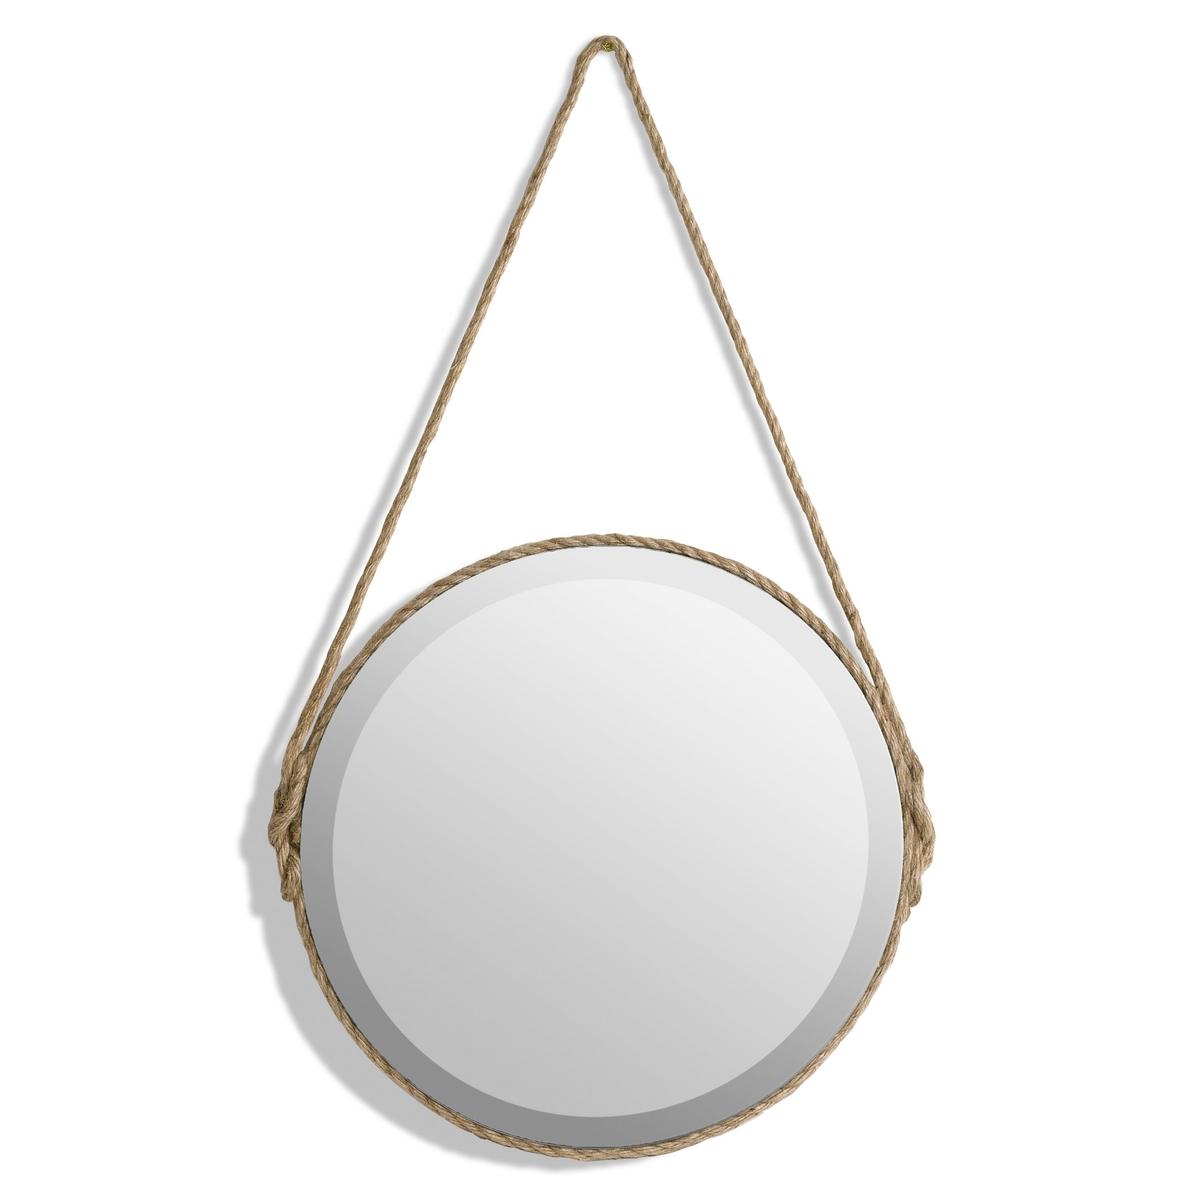 Зеркало Lien, диаметр 50 смХарактеристики :- Отделка хлопковым шнуром по всей окружности и для фиксации на стене.- Оборотная сторона из МДФ.Размеры :- Диаметр 50 x высота 85,5 см. - Зеркало, диаметр 50 см<br><br>Цвет: серо-бежевый